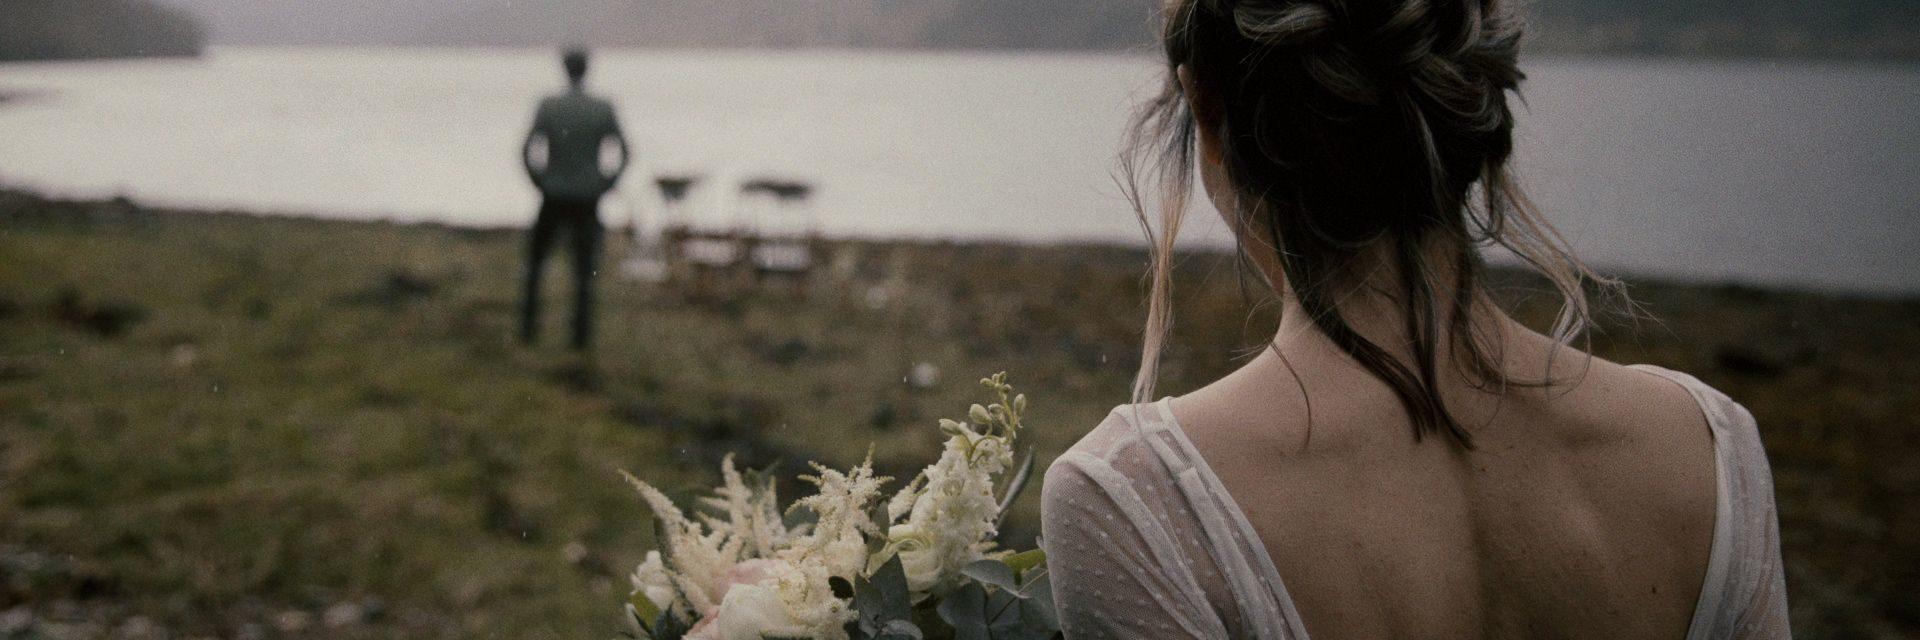 Stockholm-wedding-videographer-cinemate-films-02